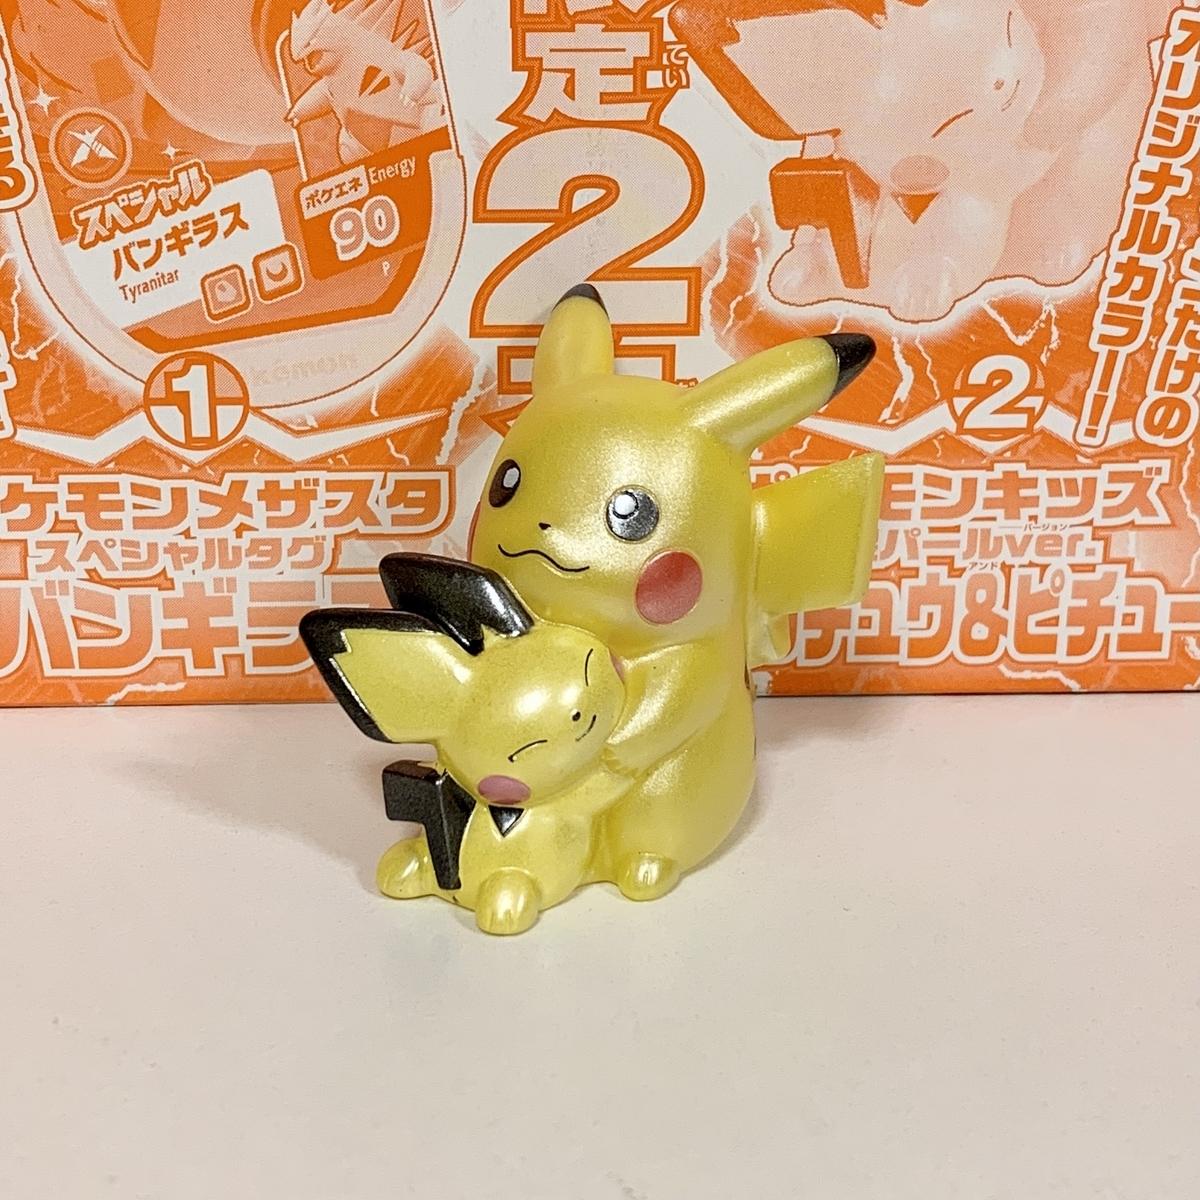 f:id:pikachu_pcn:20210228175709j:plain